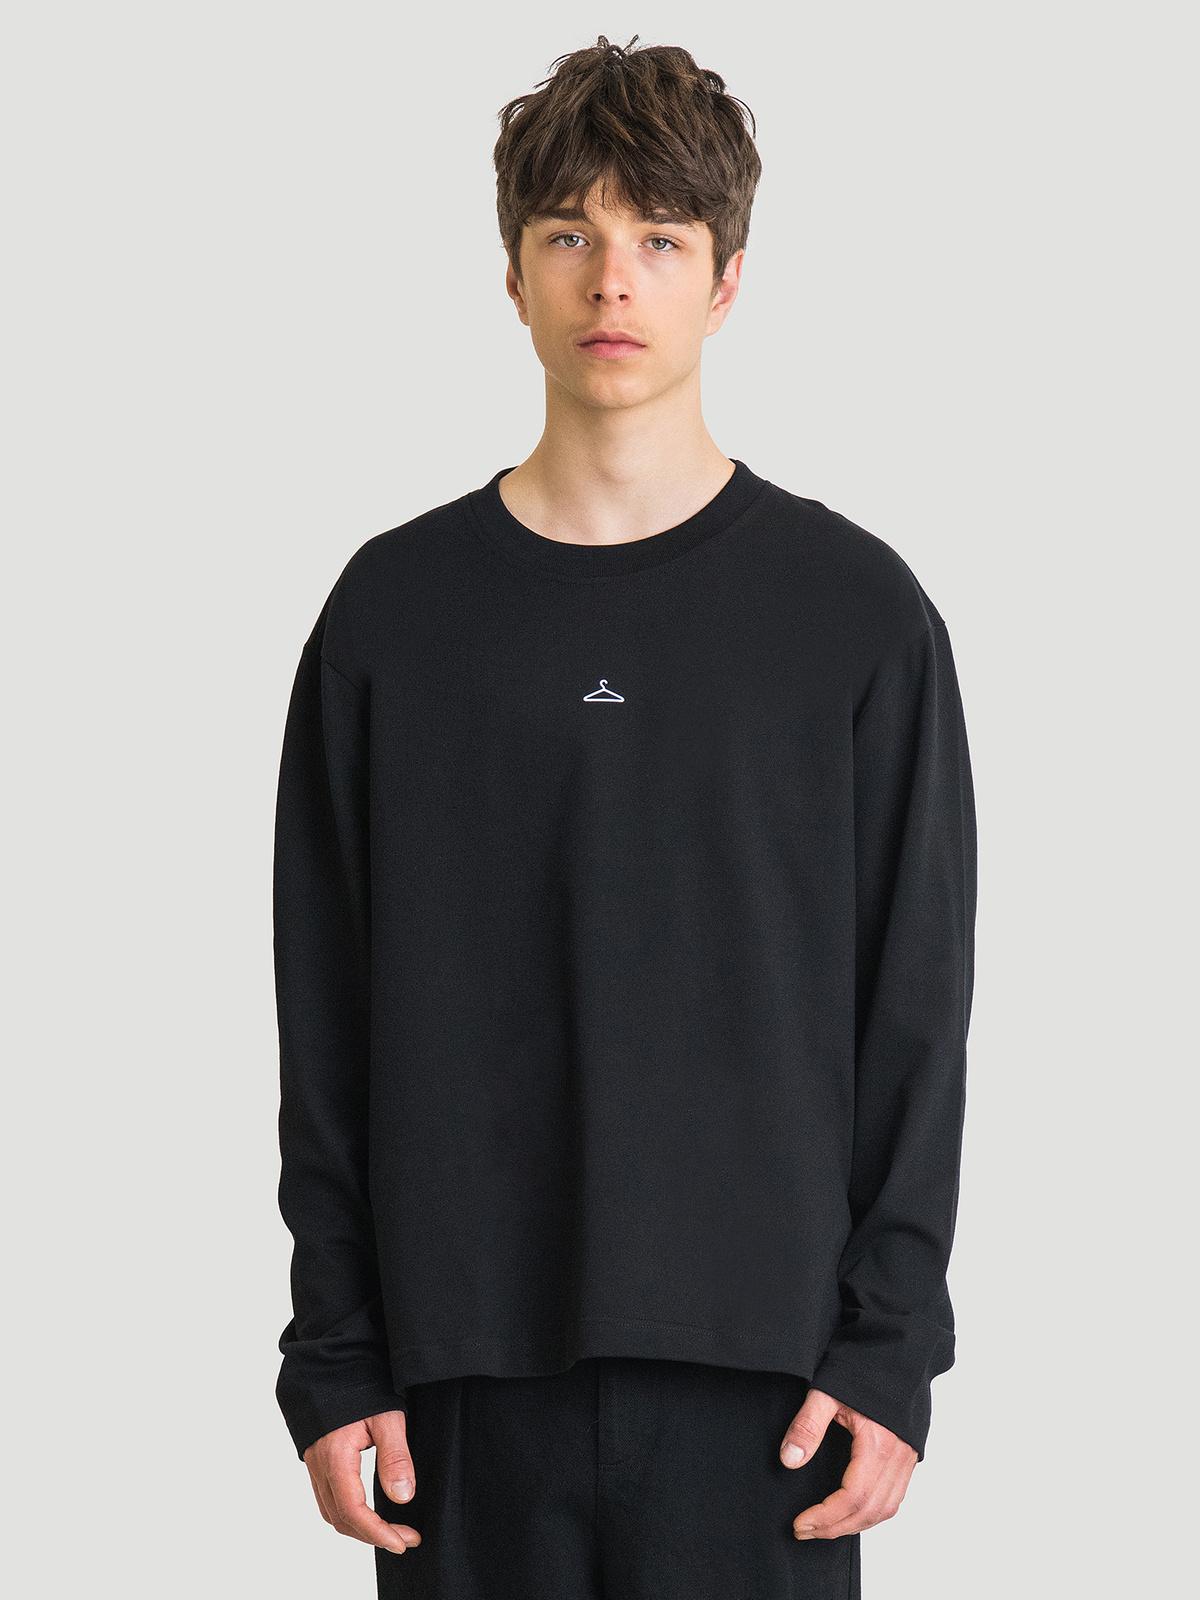 Hanger Longsleeve Black 0